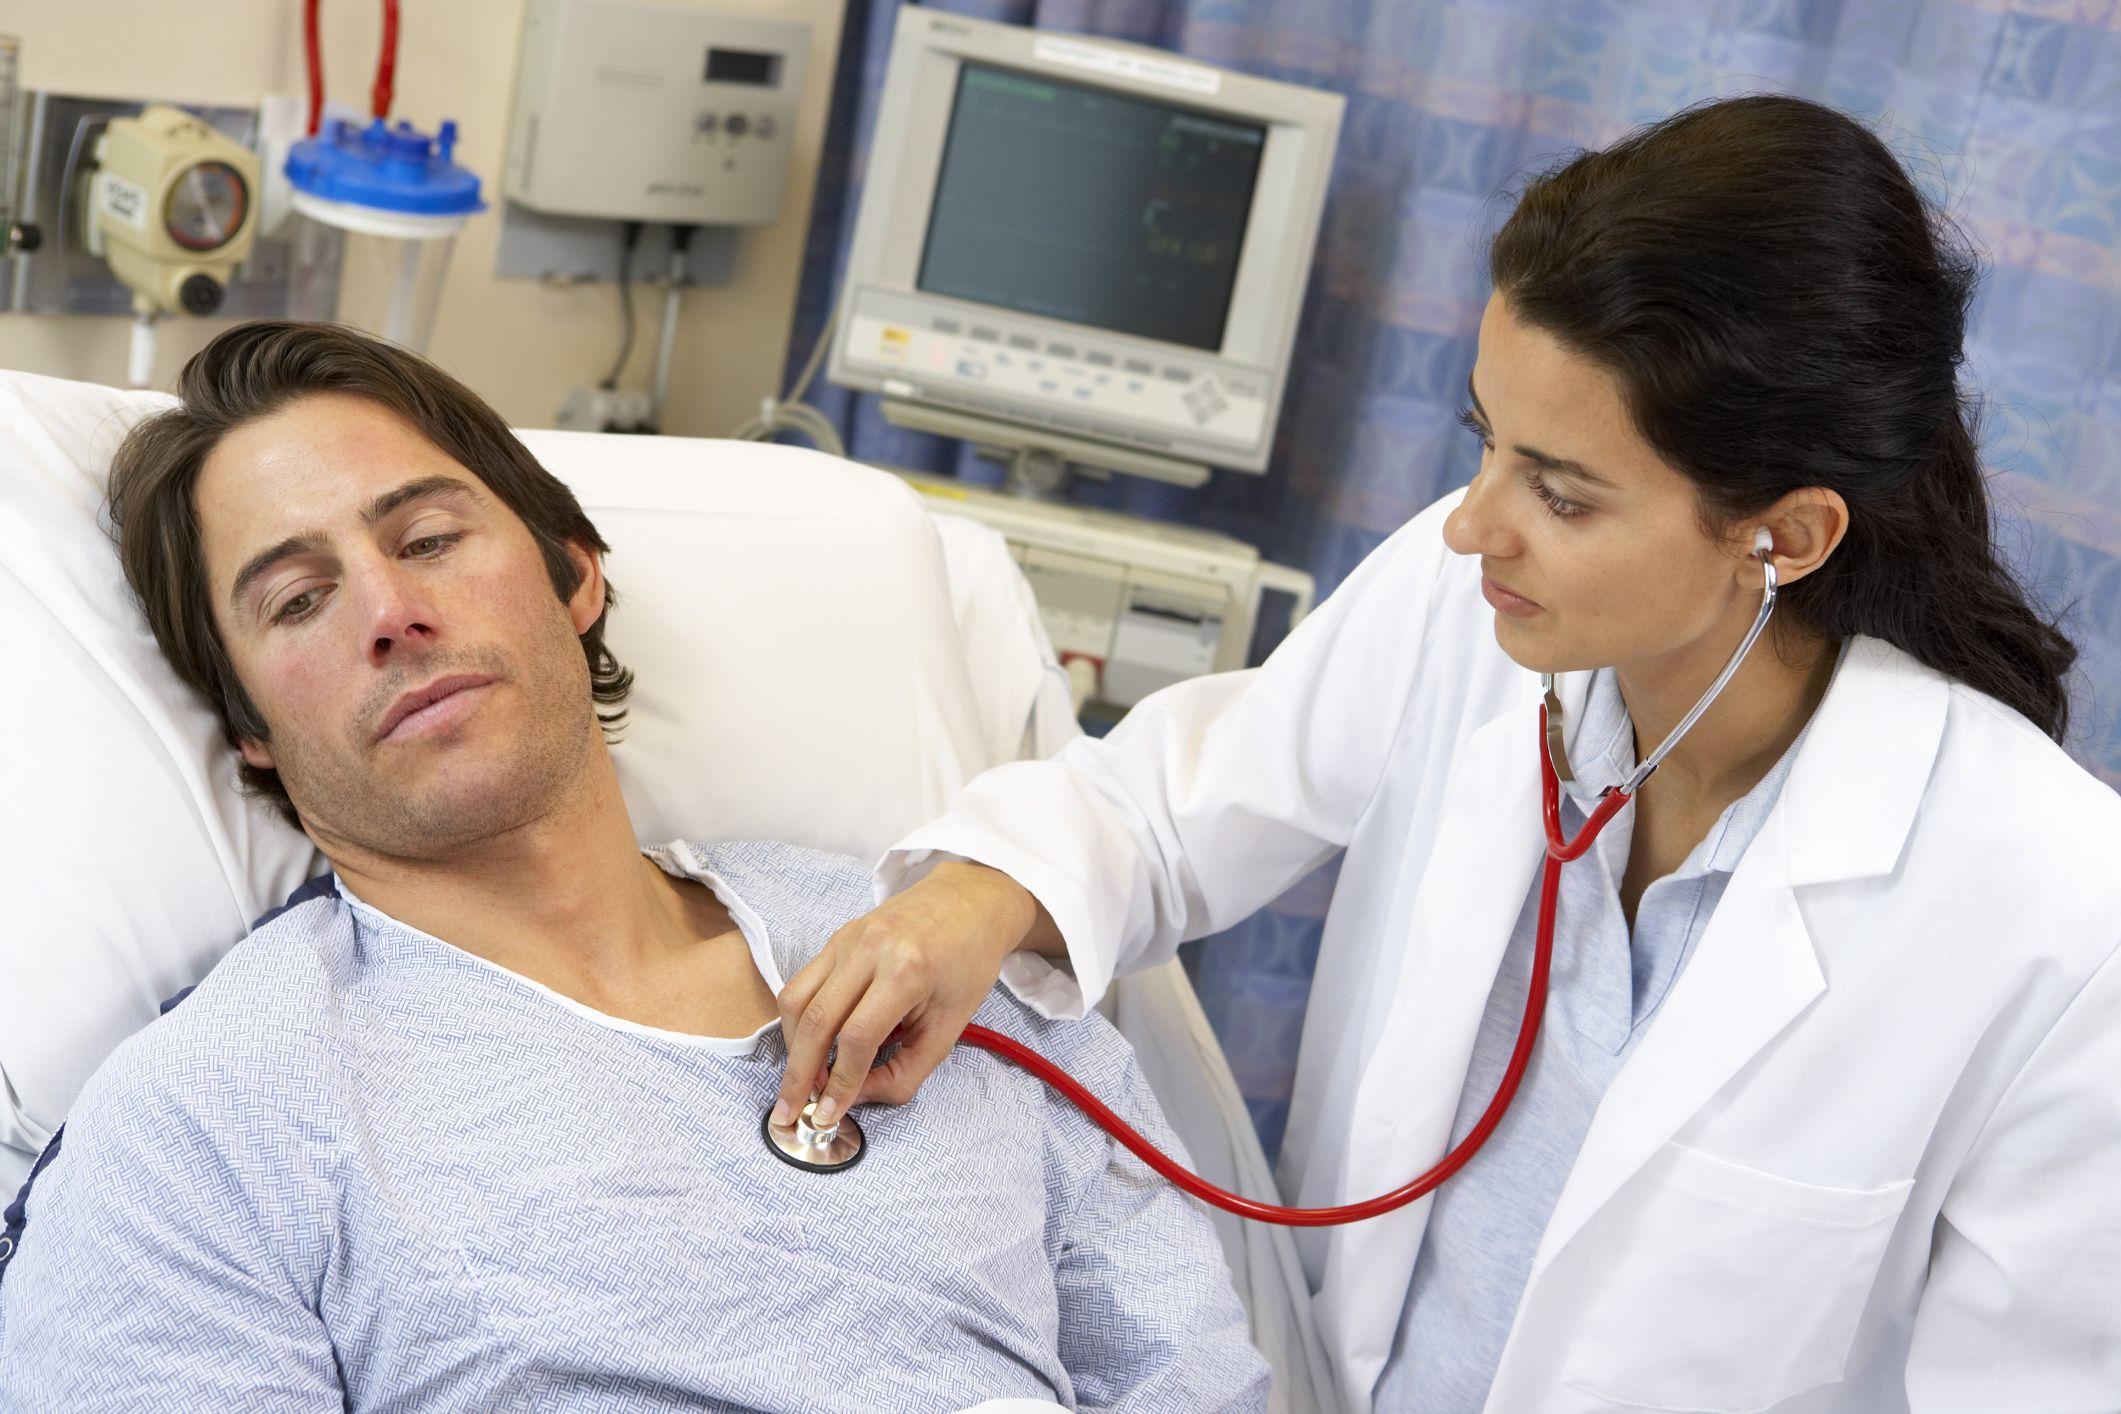 Что такое аортосклероз легких?